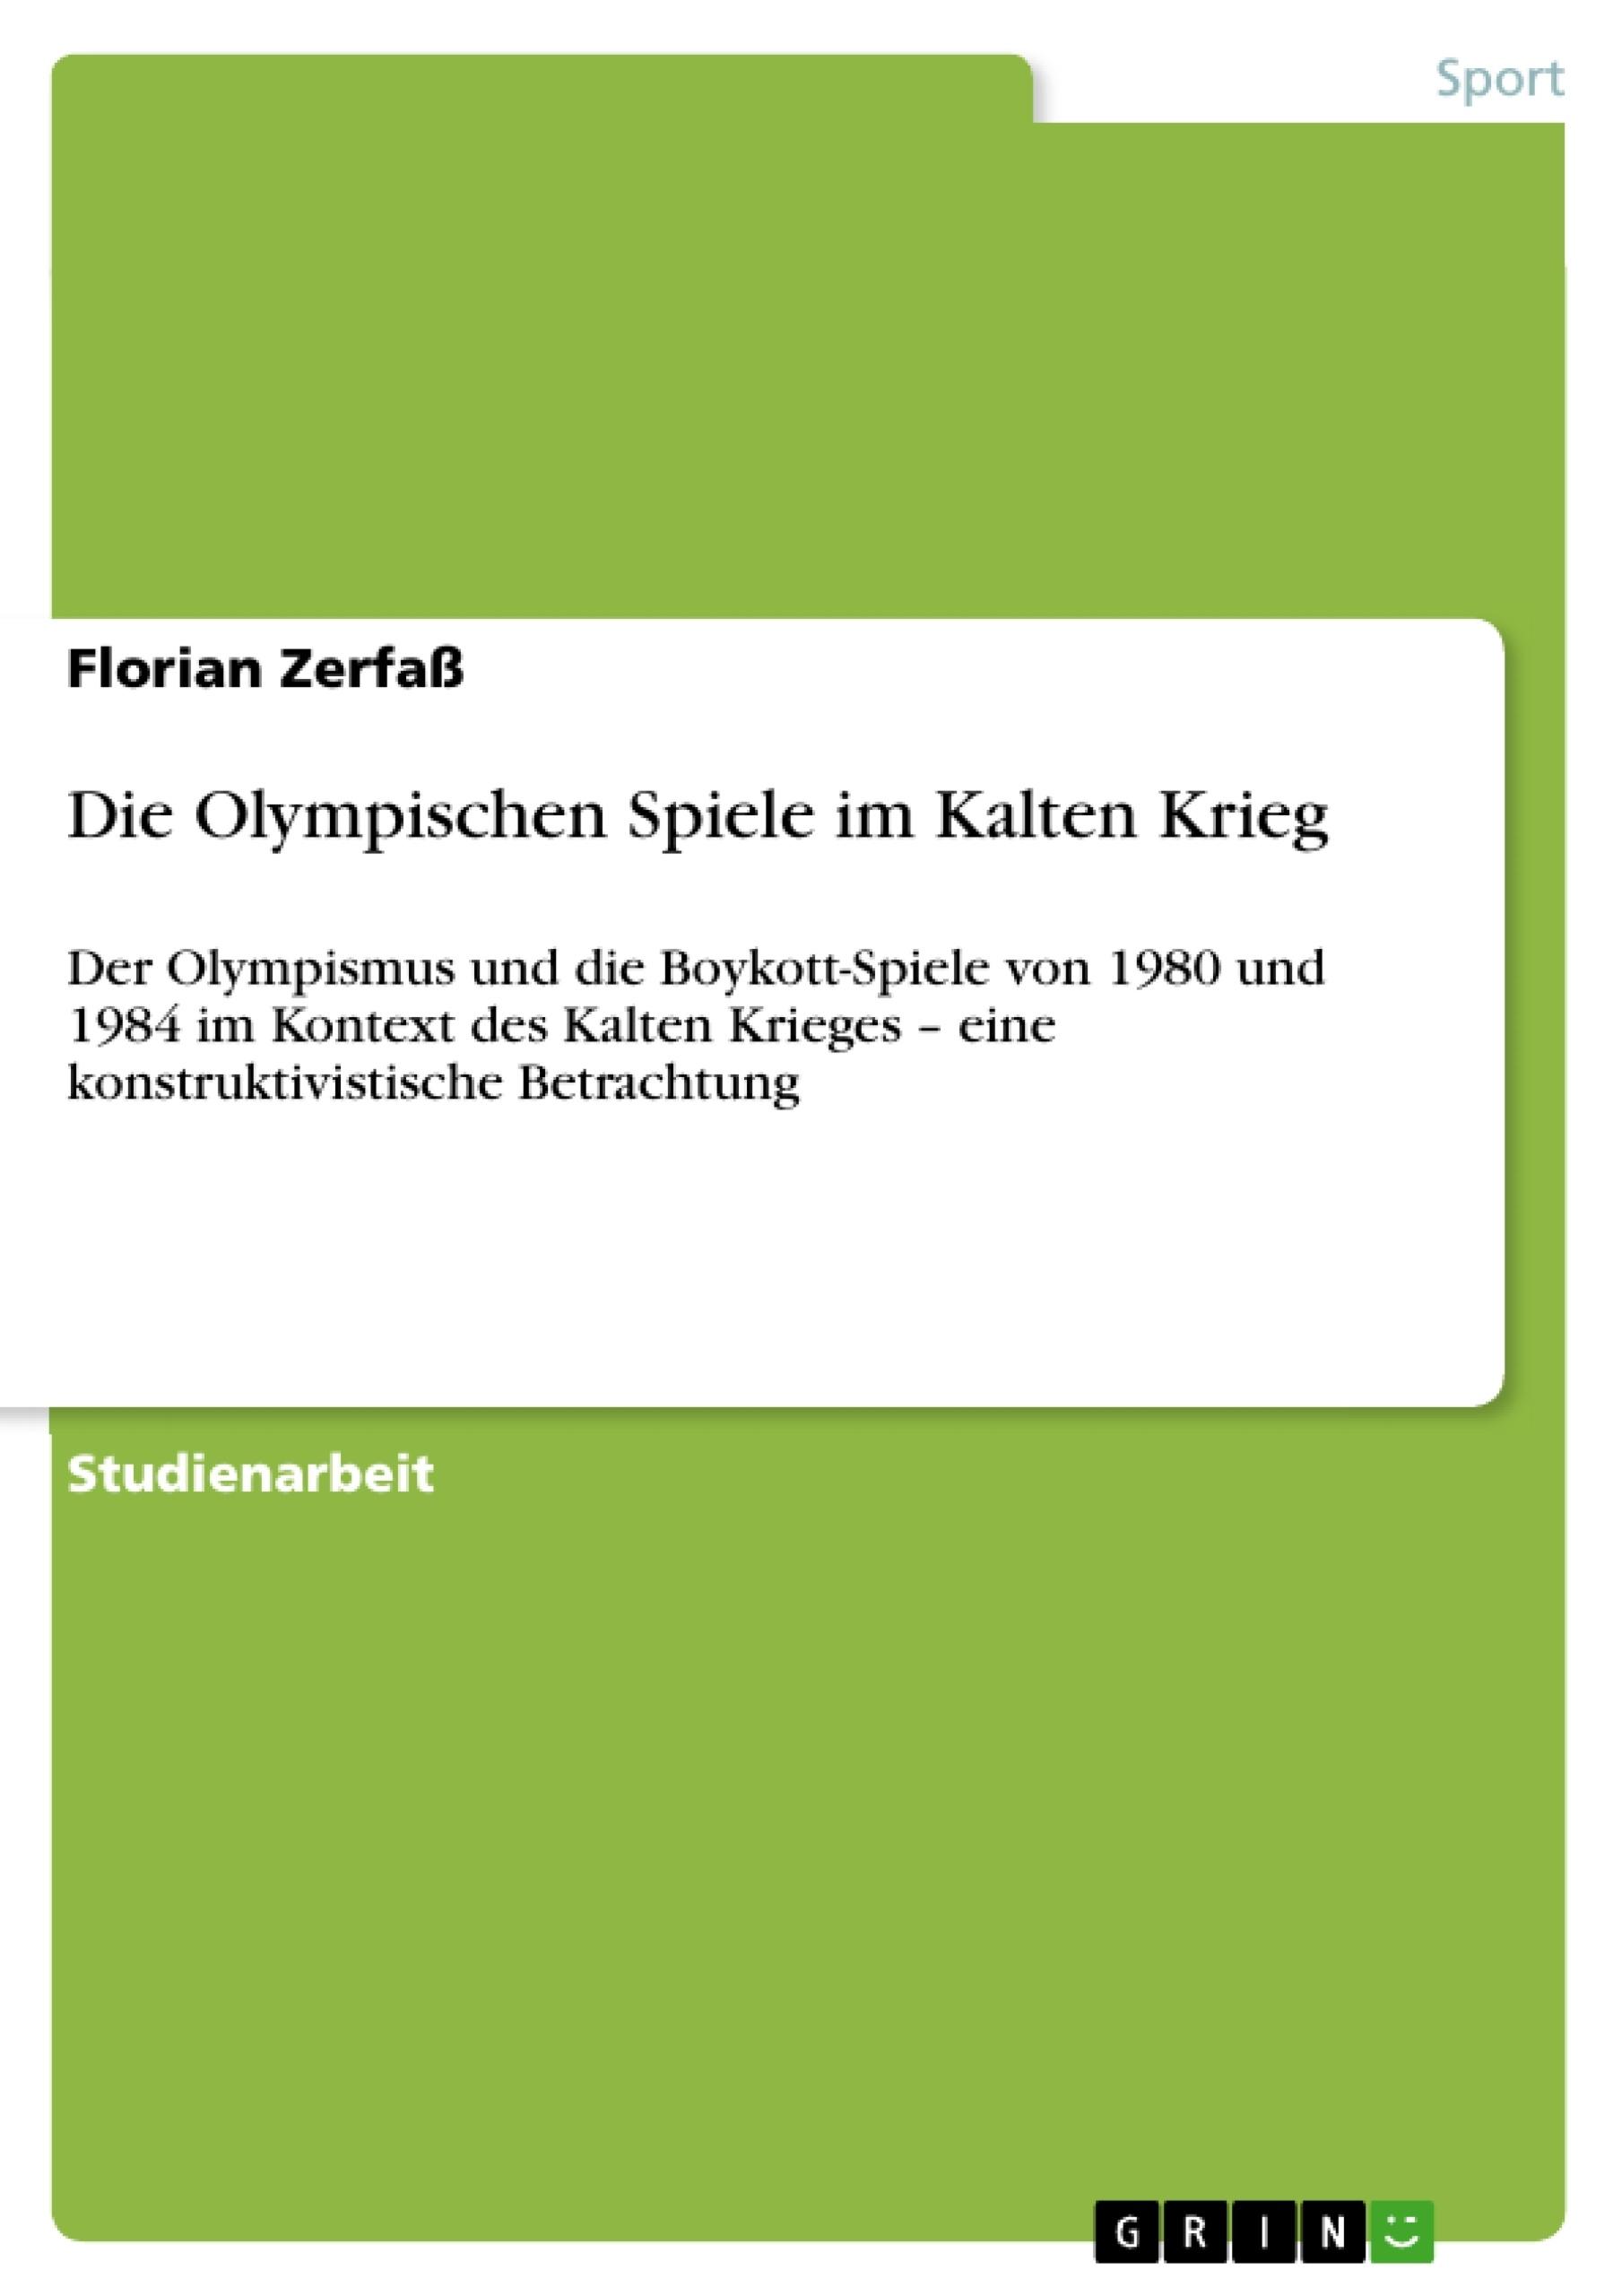 Titel: Die Olympischen Spiele im Kalten Krieg